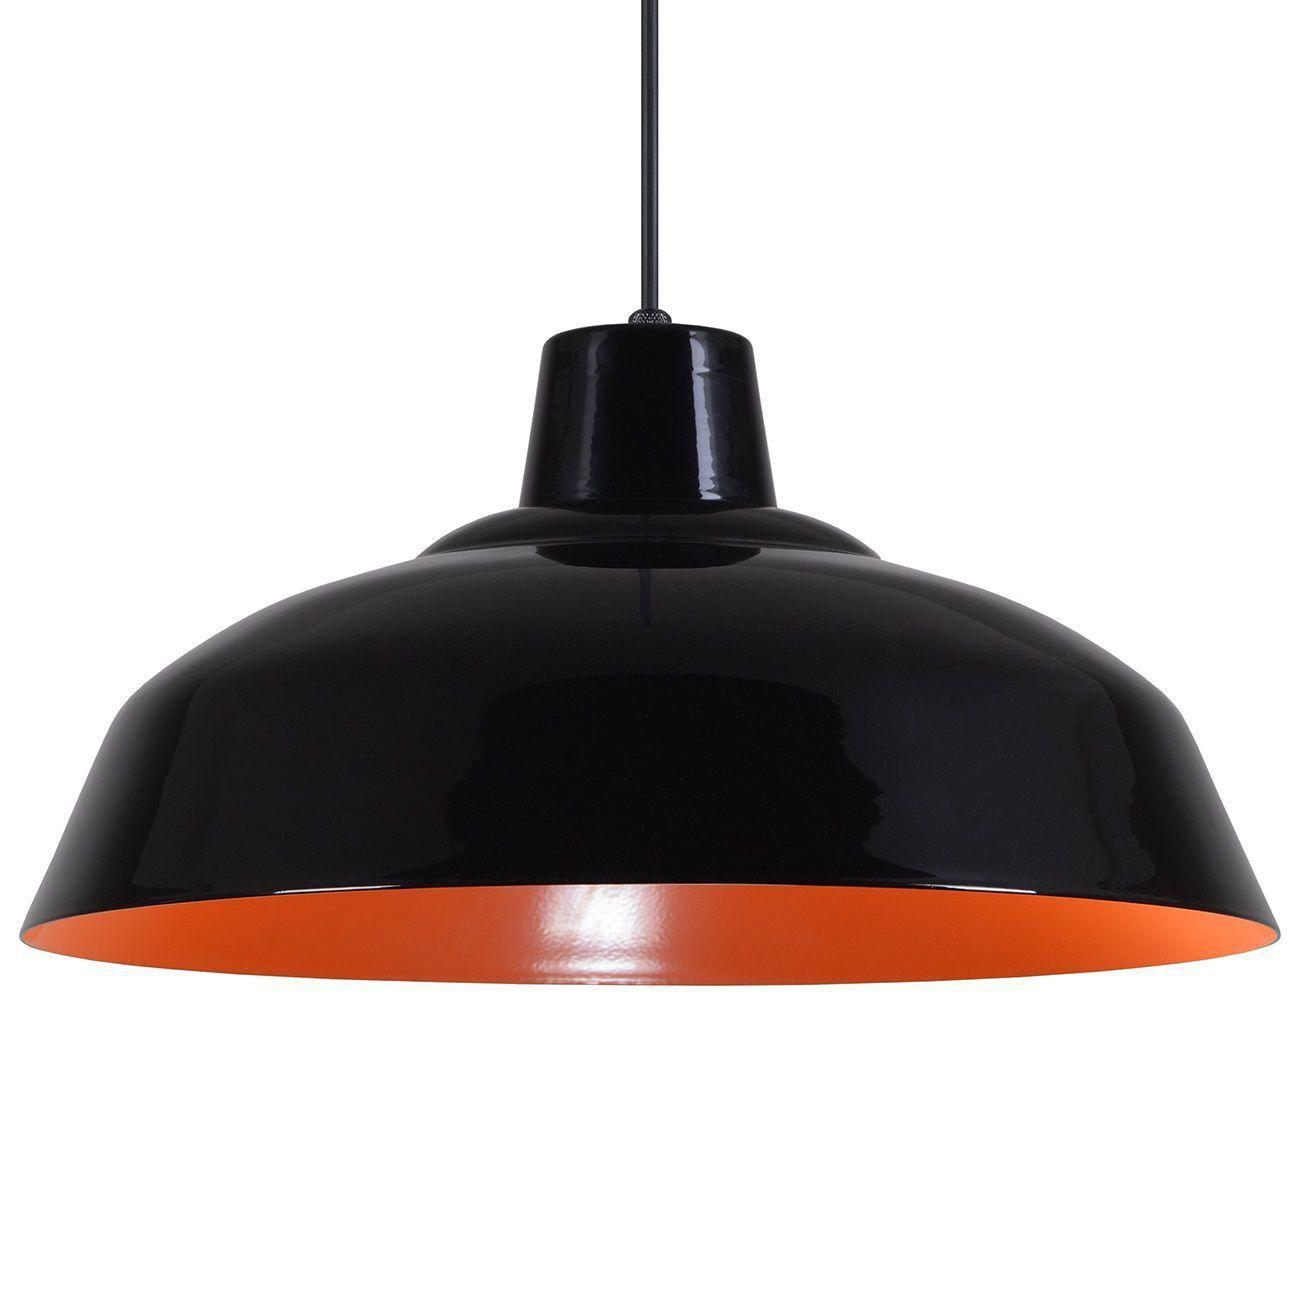 Pendente Retrô 34cm Luminária Lustre Alumínio Preto Brilhante C/ Laranja - Rei Da Iluminação